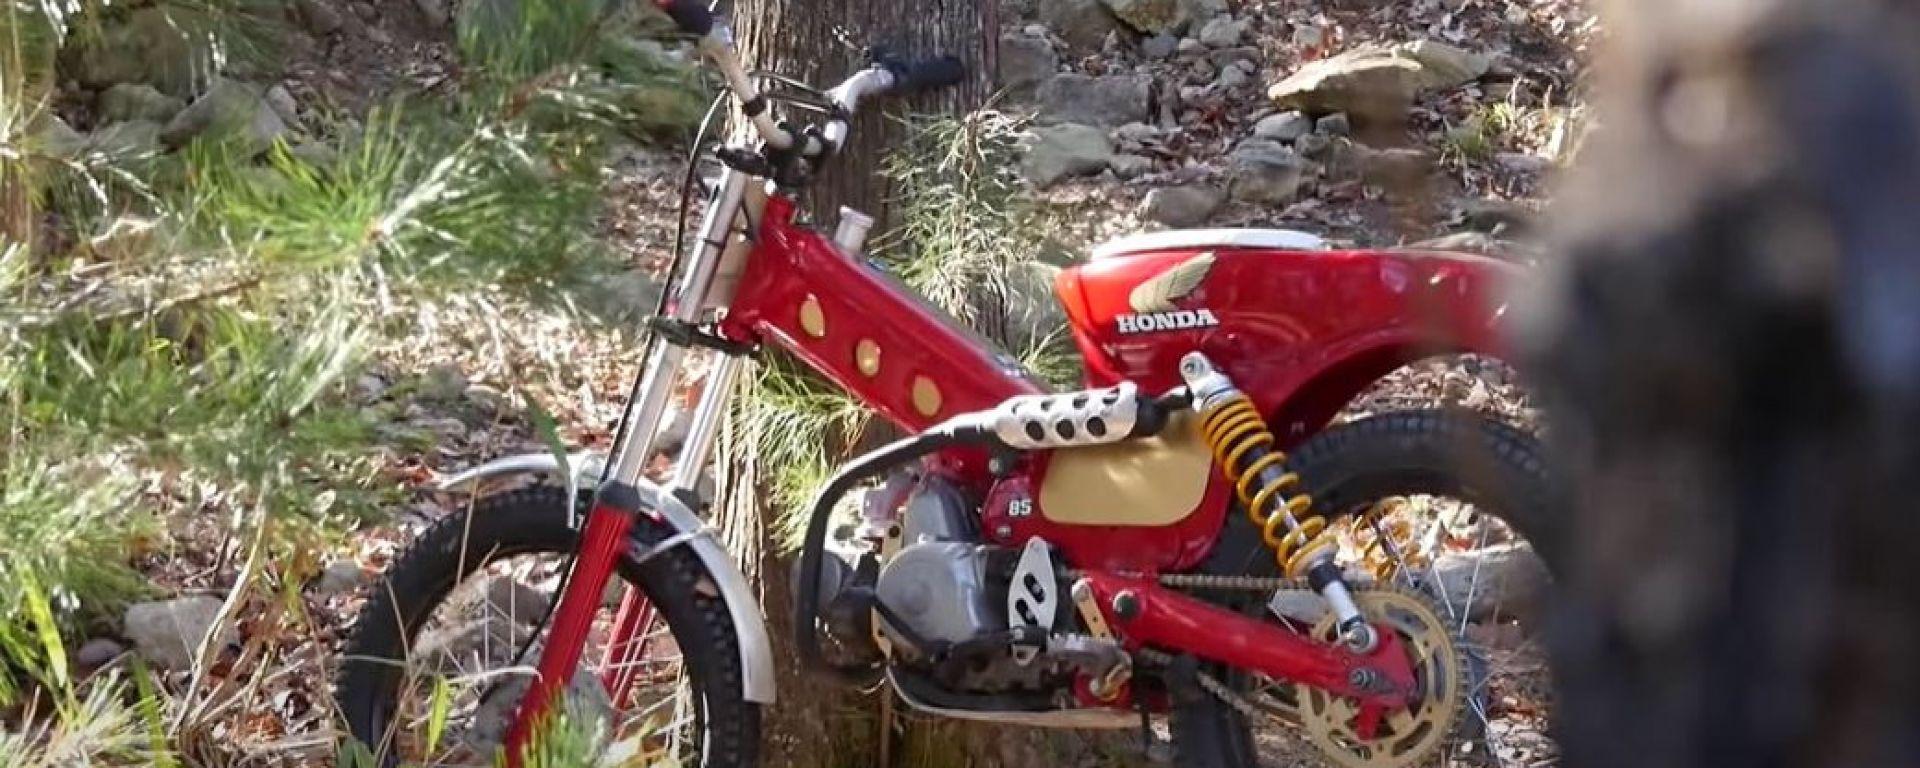 Trial con un vecchio Honda Super Cub? Possibile, guardate il video